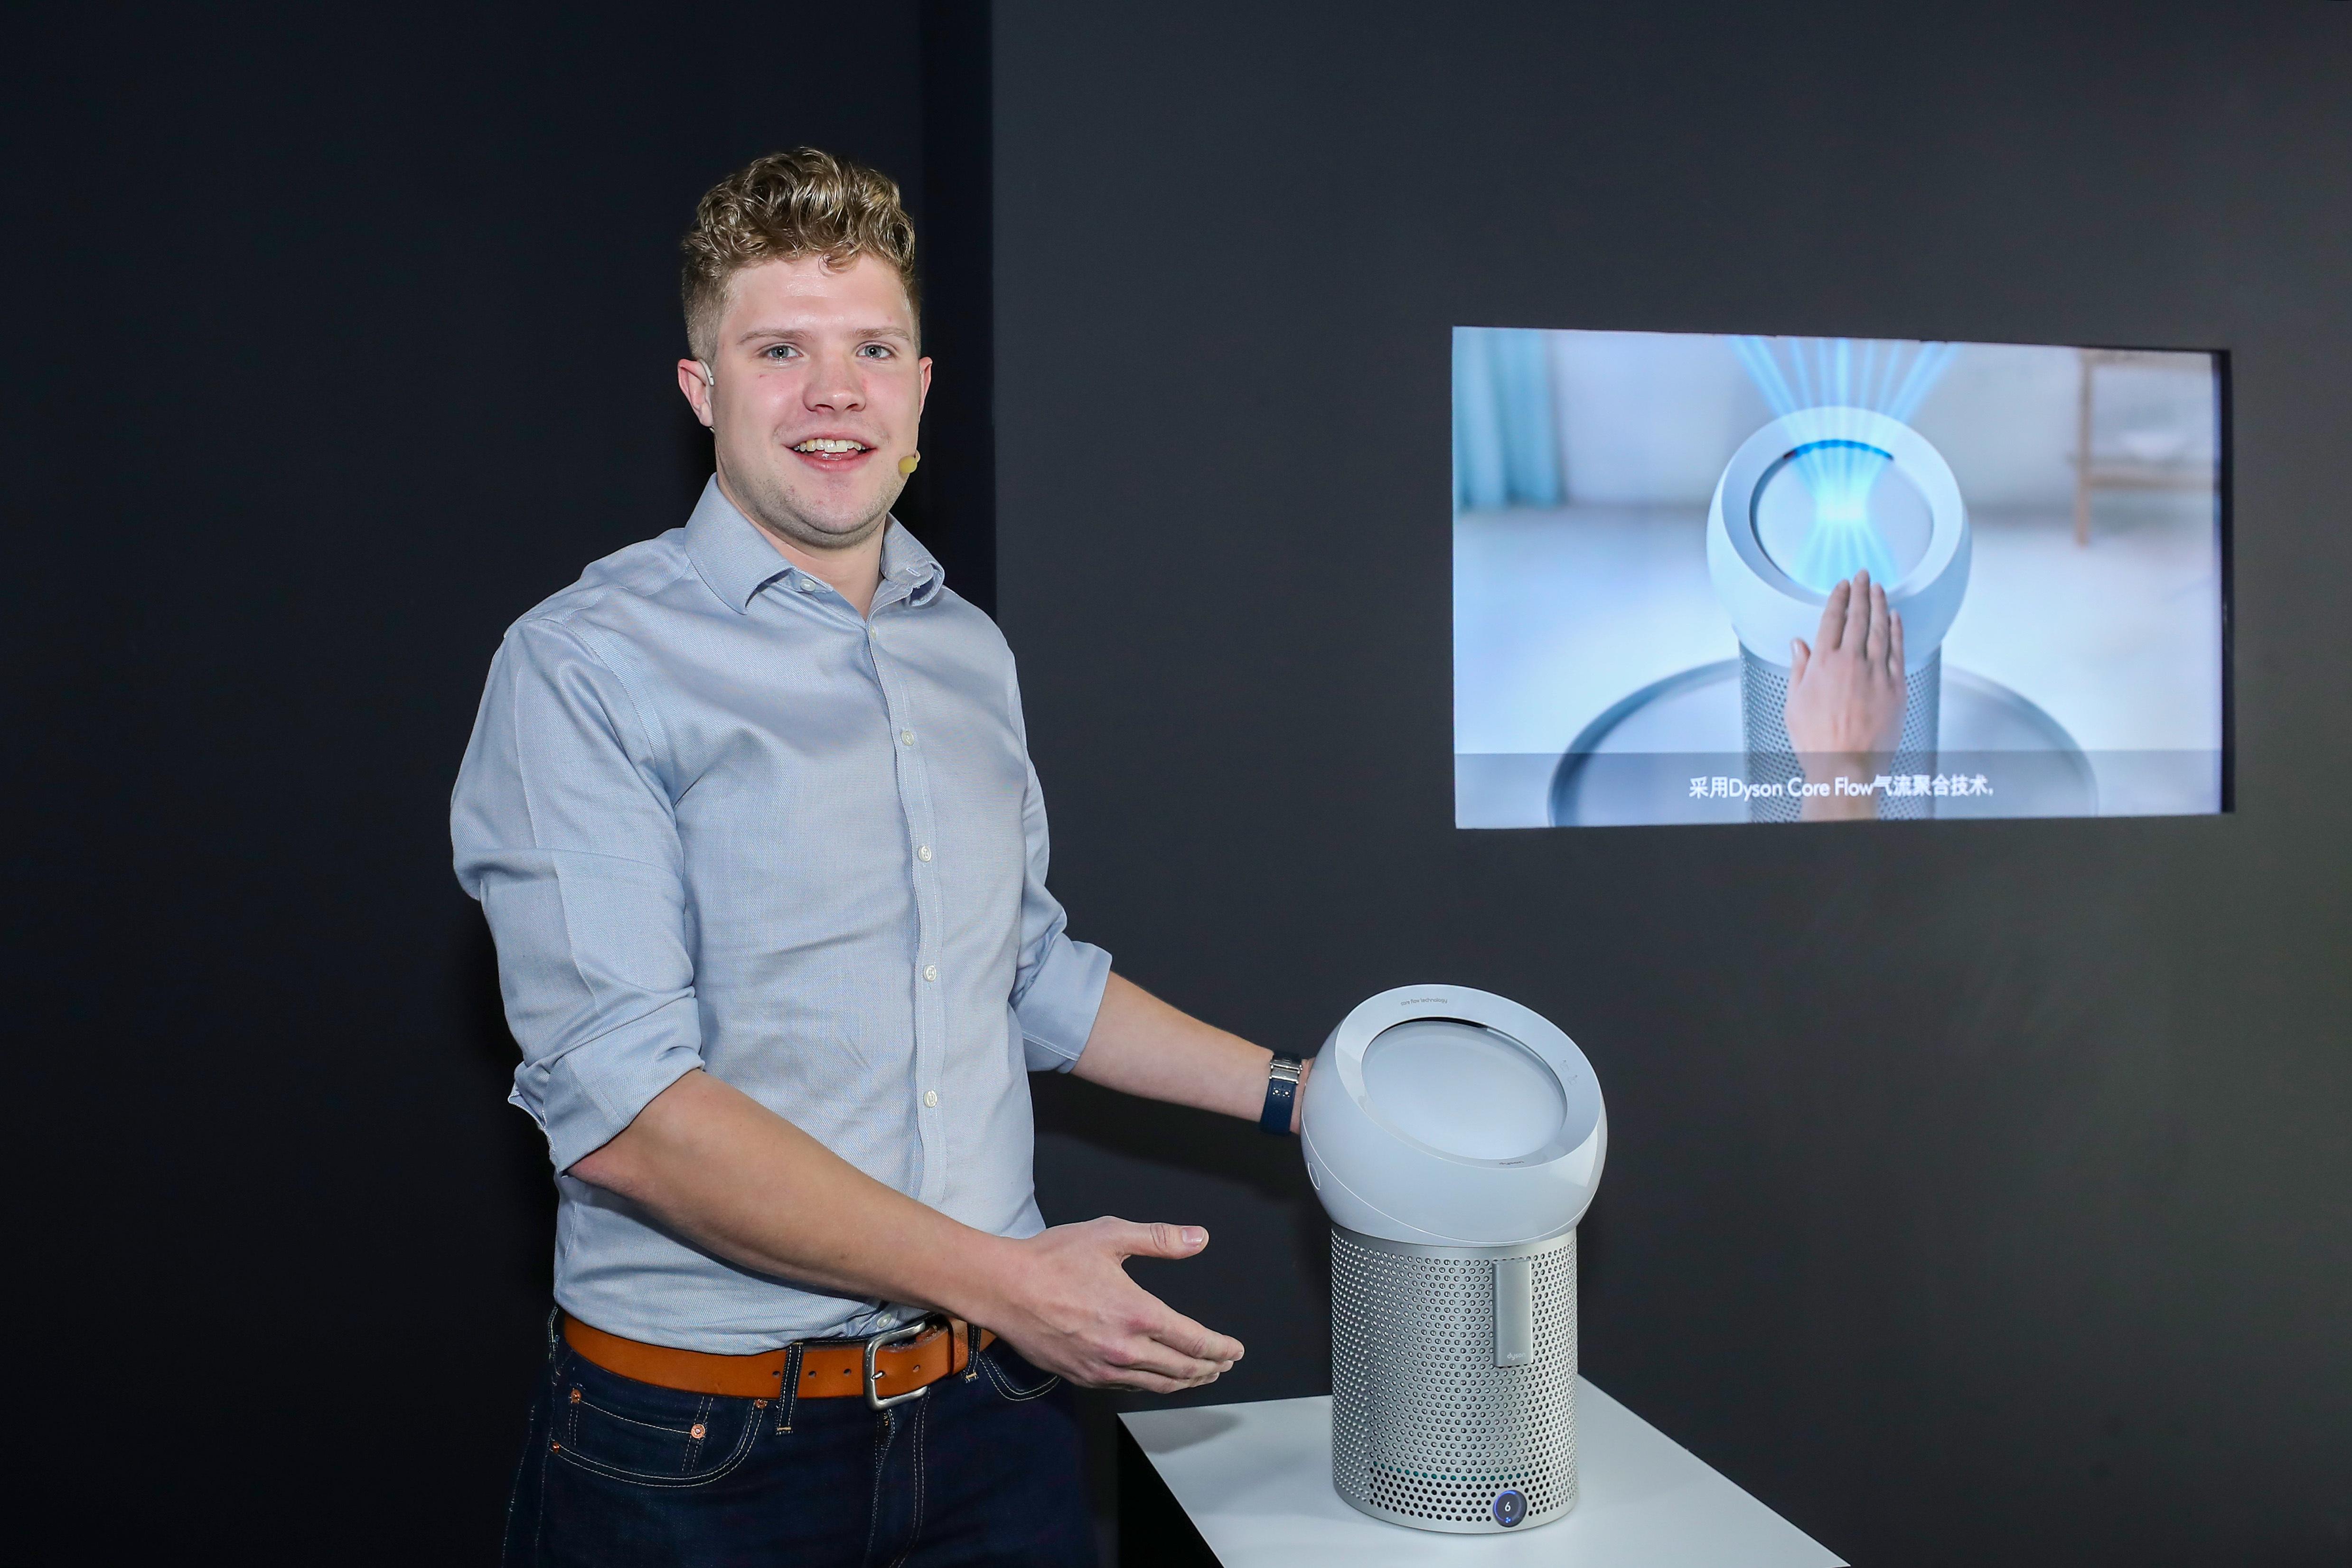 戴森发布Dyson Pure Cool Me多功能风扇,为个人空间吹送洁净凉风